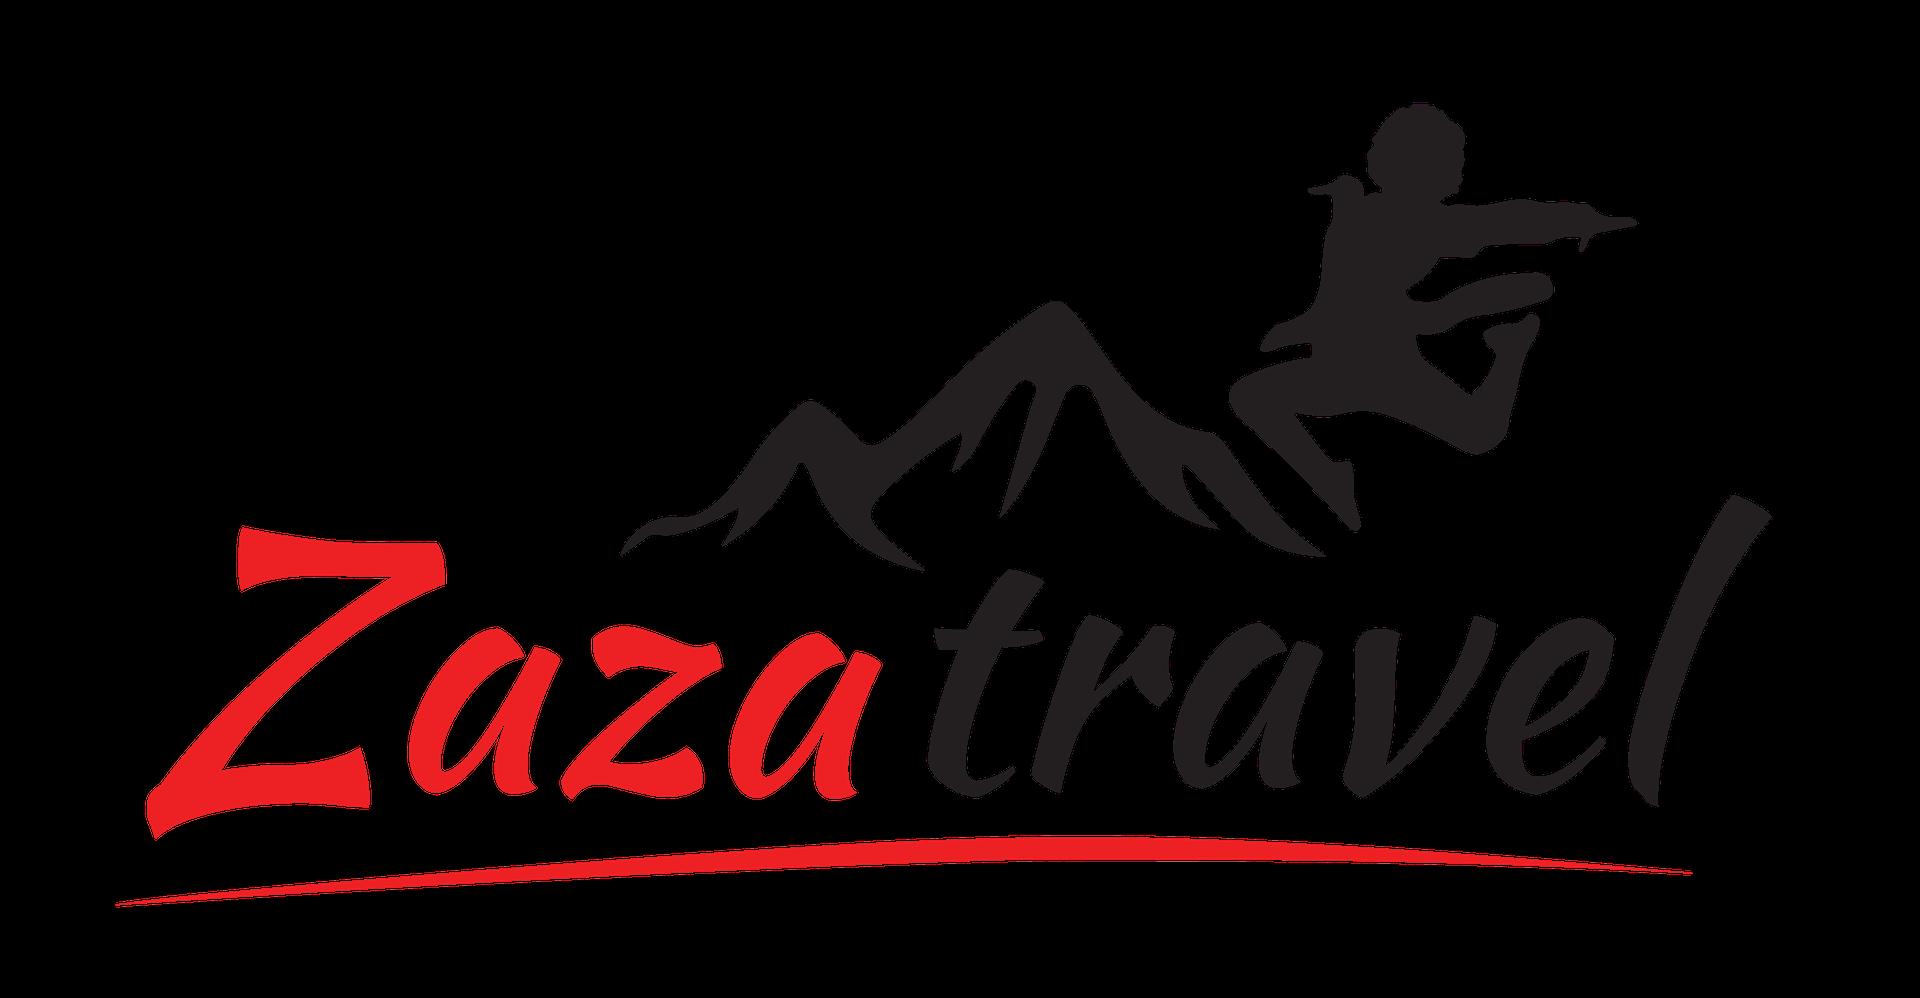 Zaza Travel